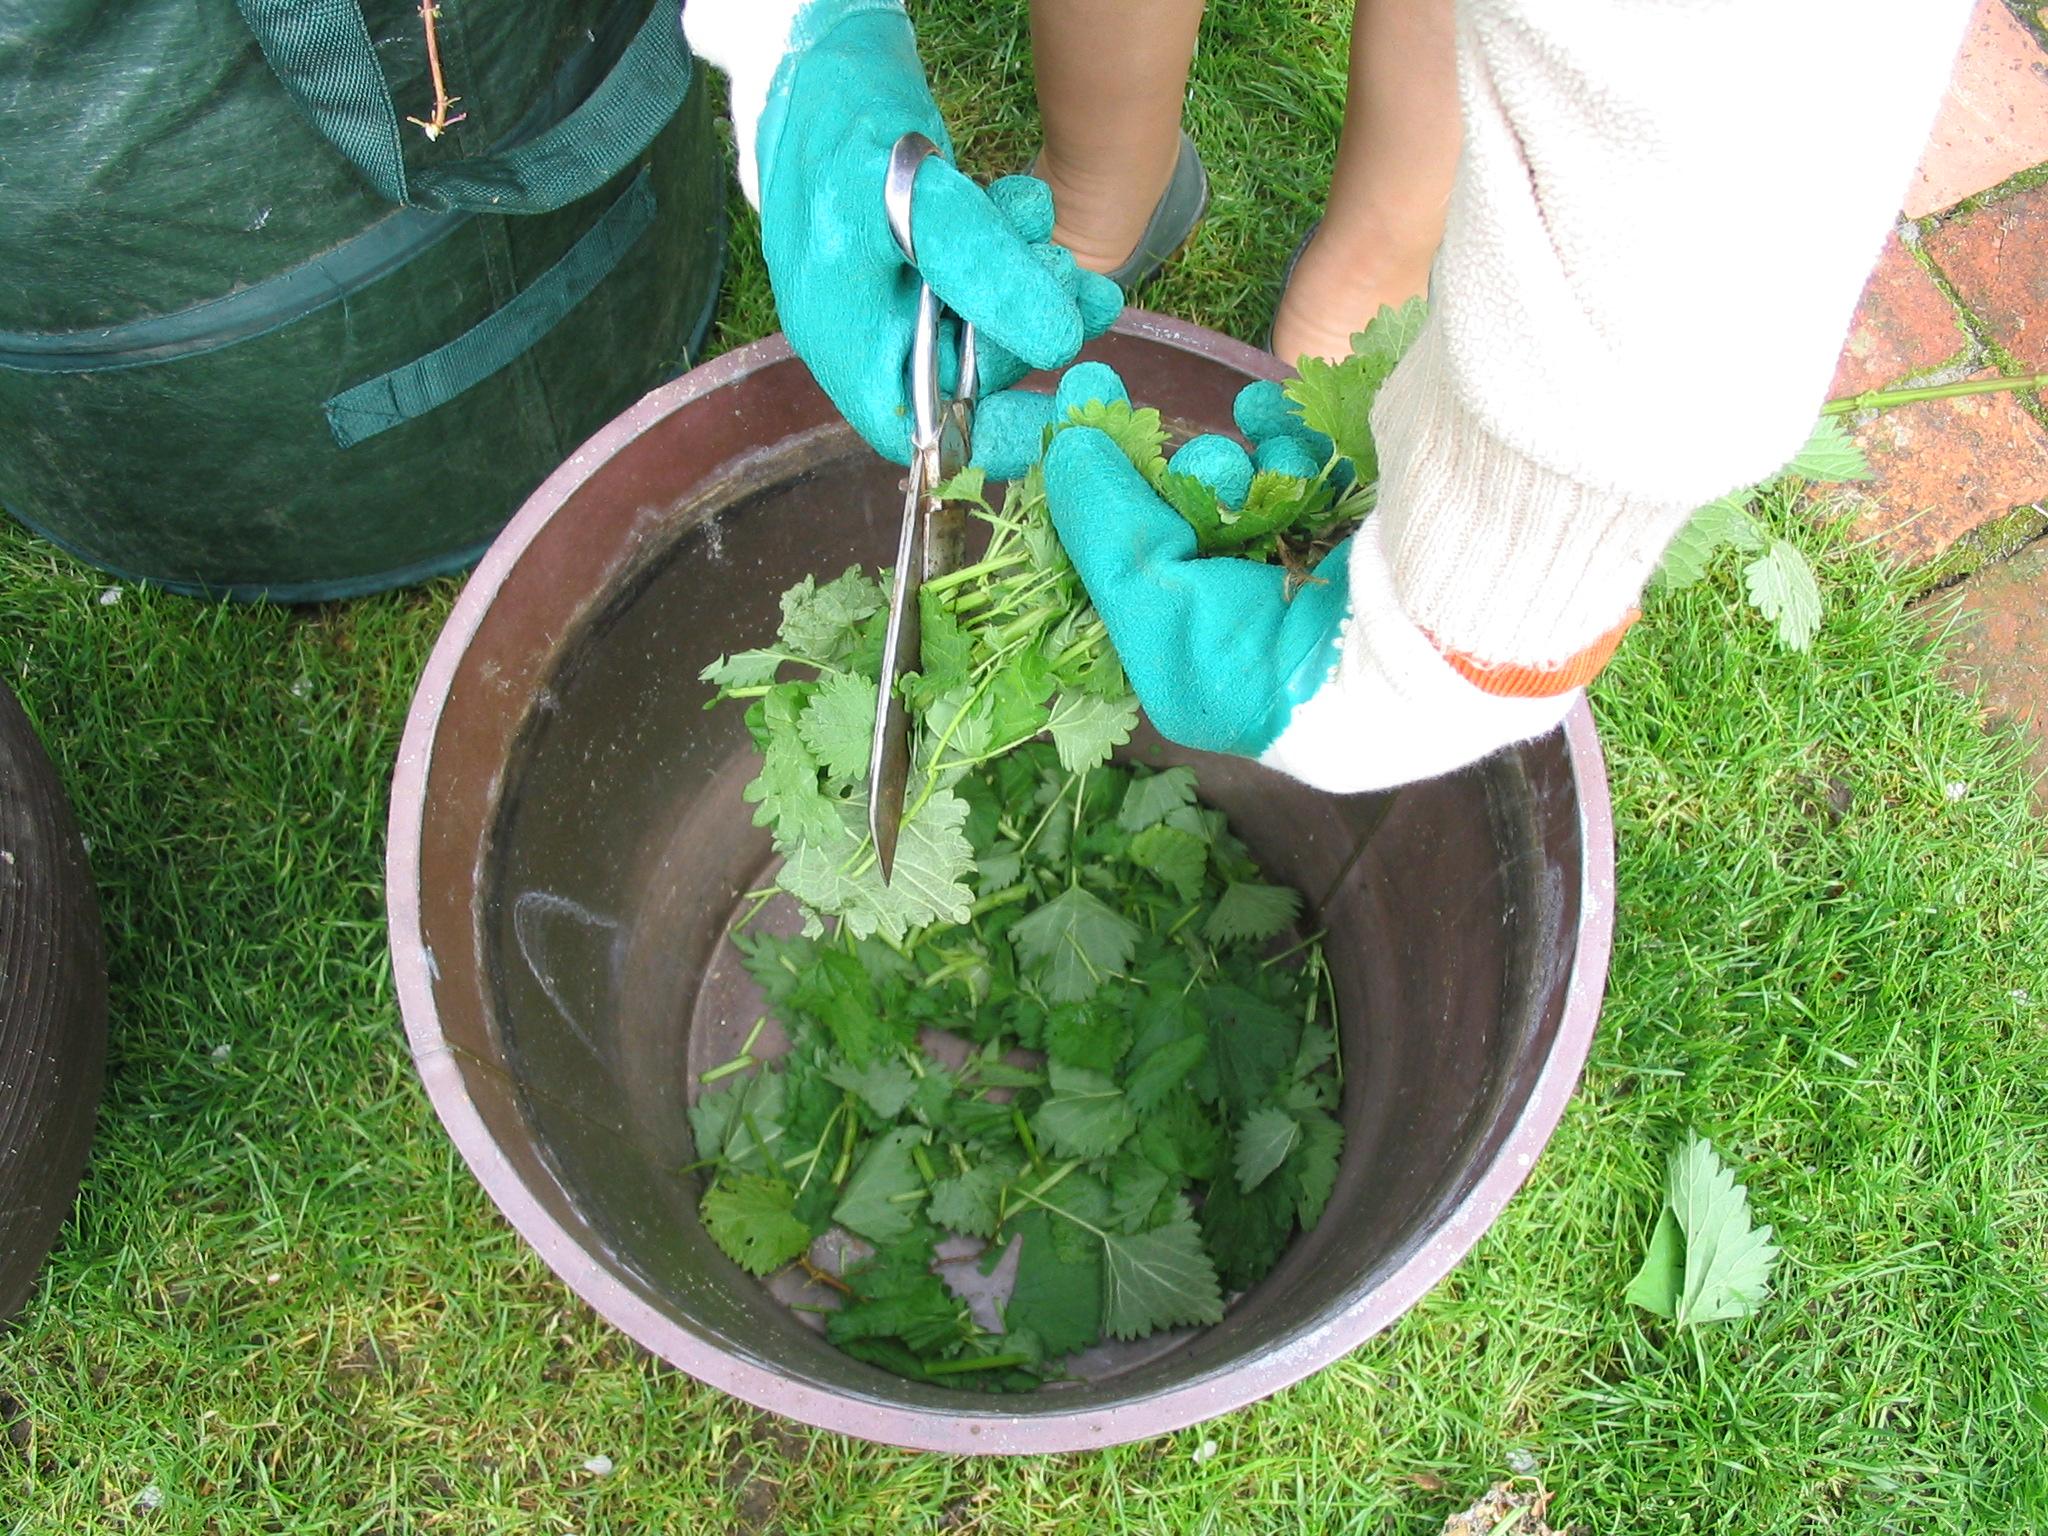 Fabriquer du purin d ortie - Utilisation du purin d ortie ...